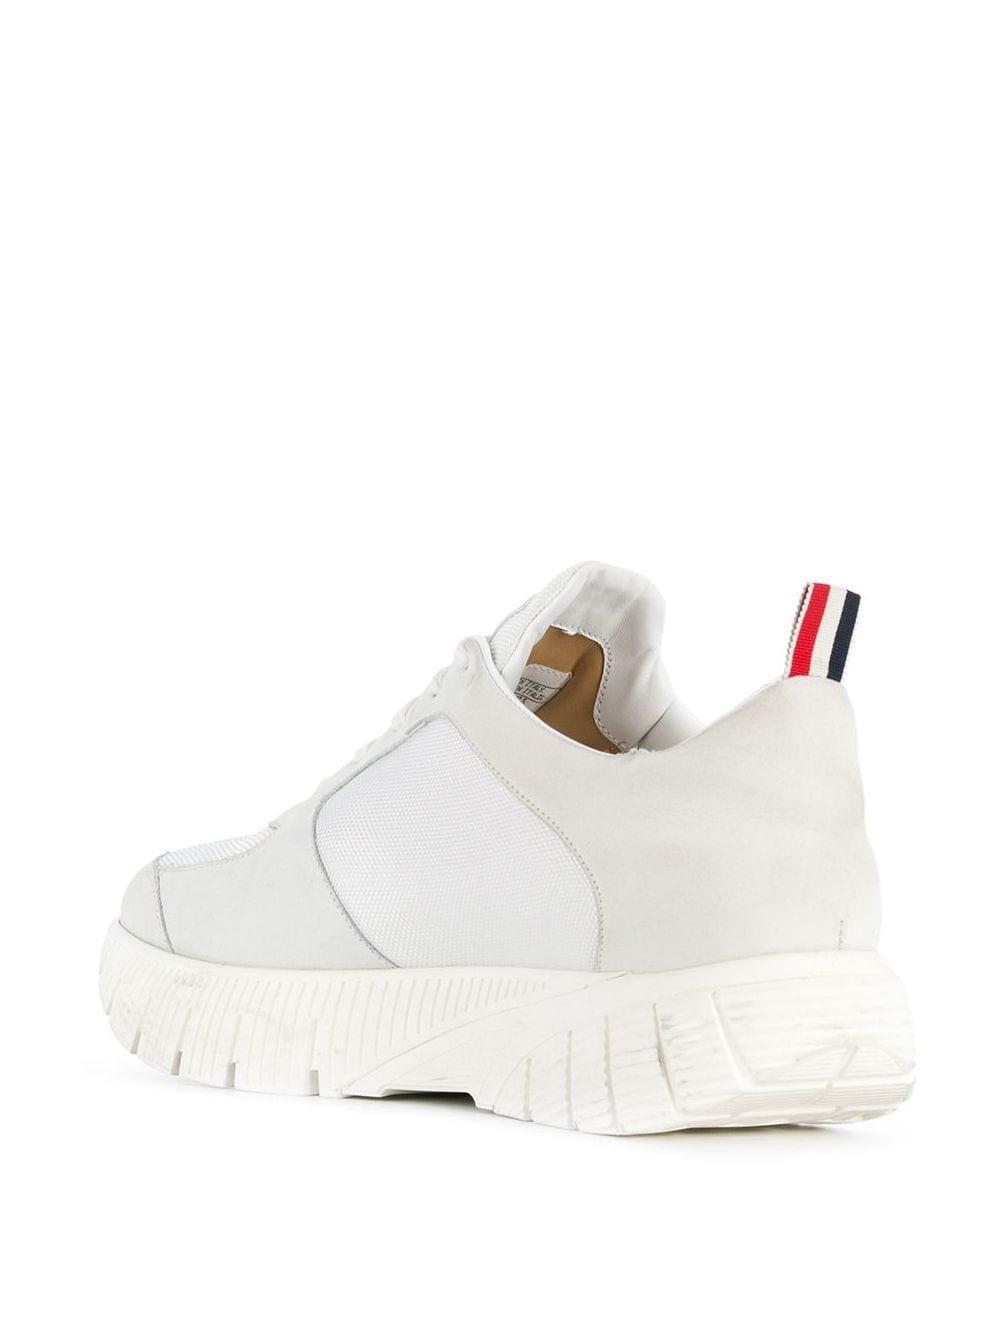 Thom Browne Leder Sneakers mit breiter Sohle in Weiß für Herren k0jKm